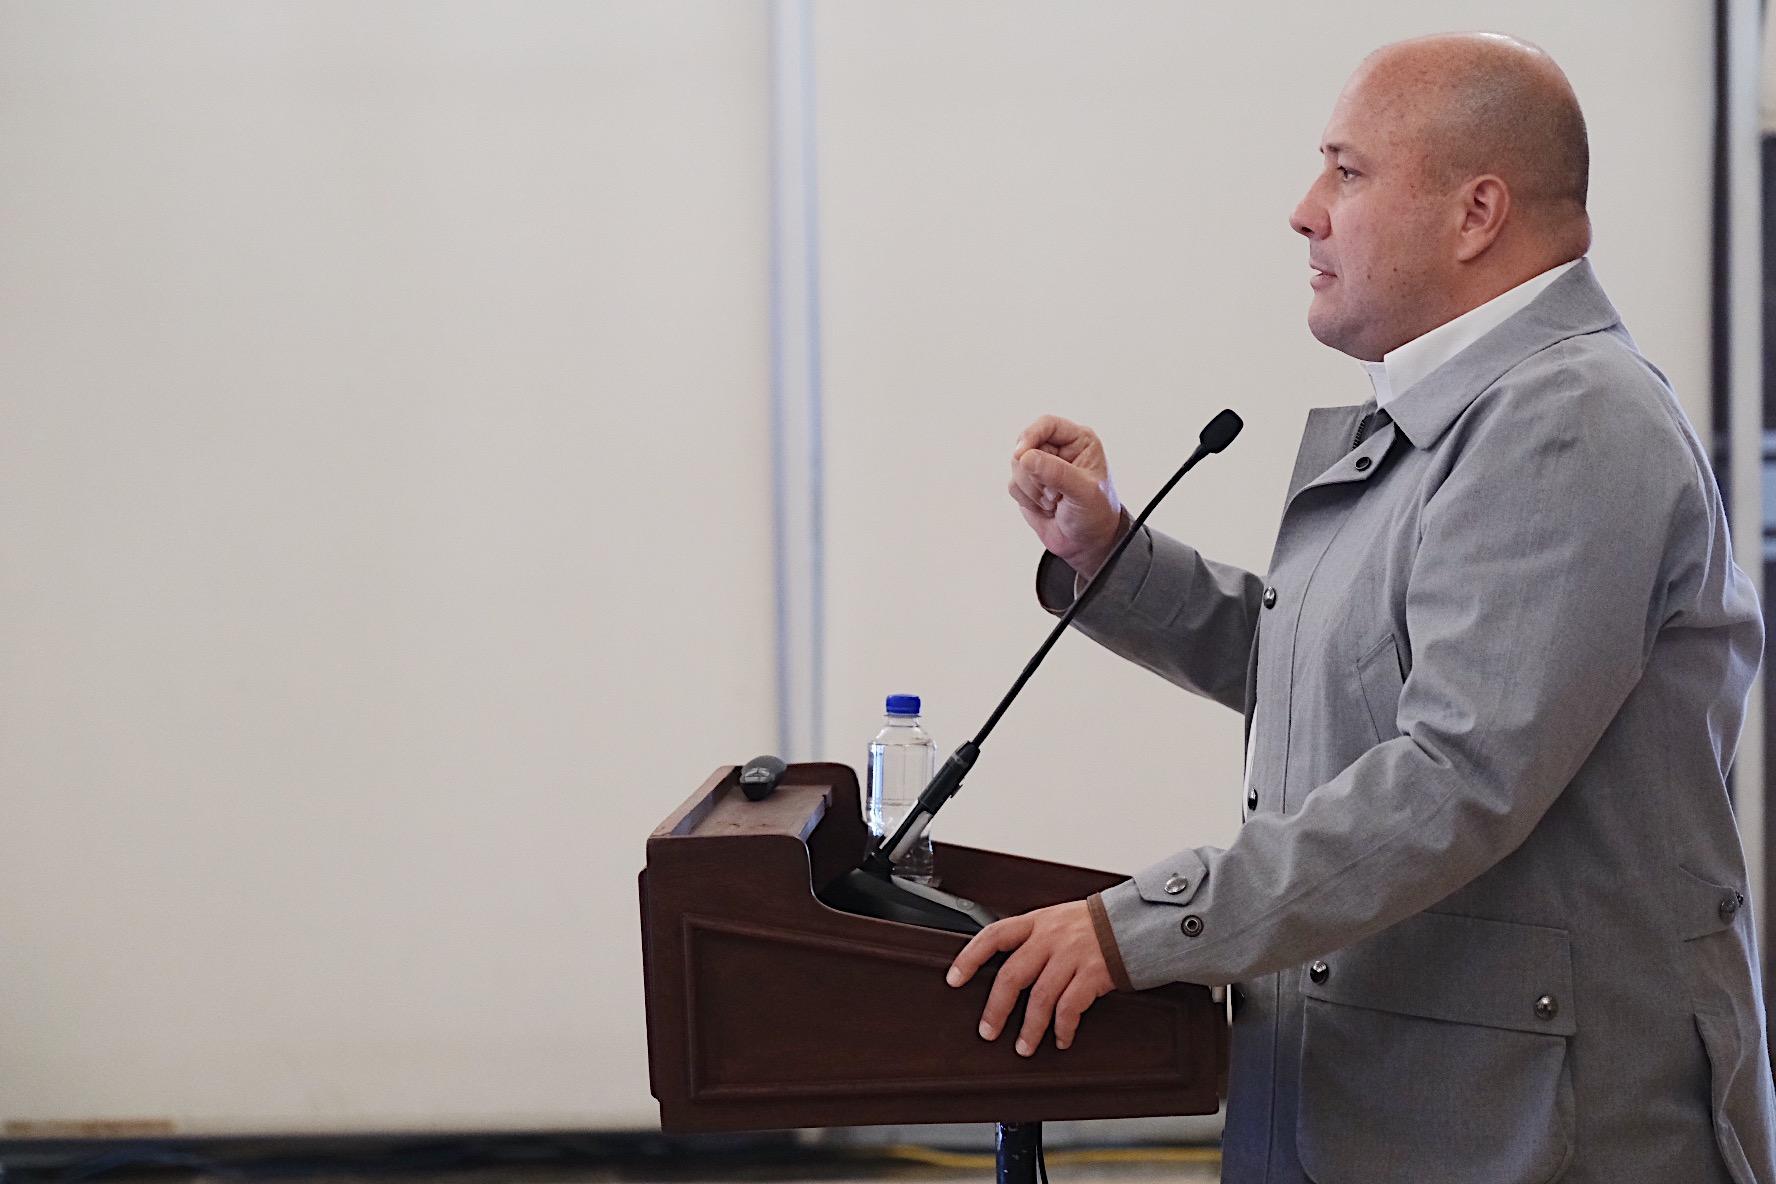 Presenta Enrique Alfaro apoyo económico a productores de maíz en Jalisco ante COVID-19